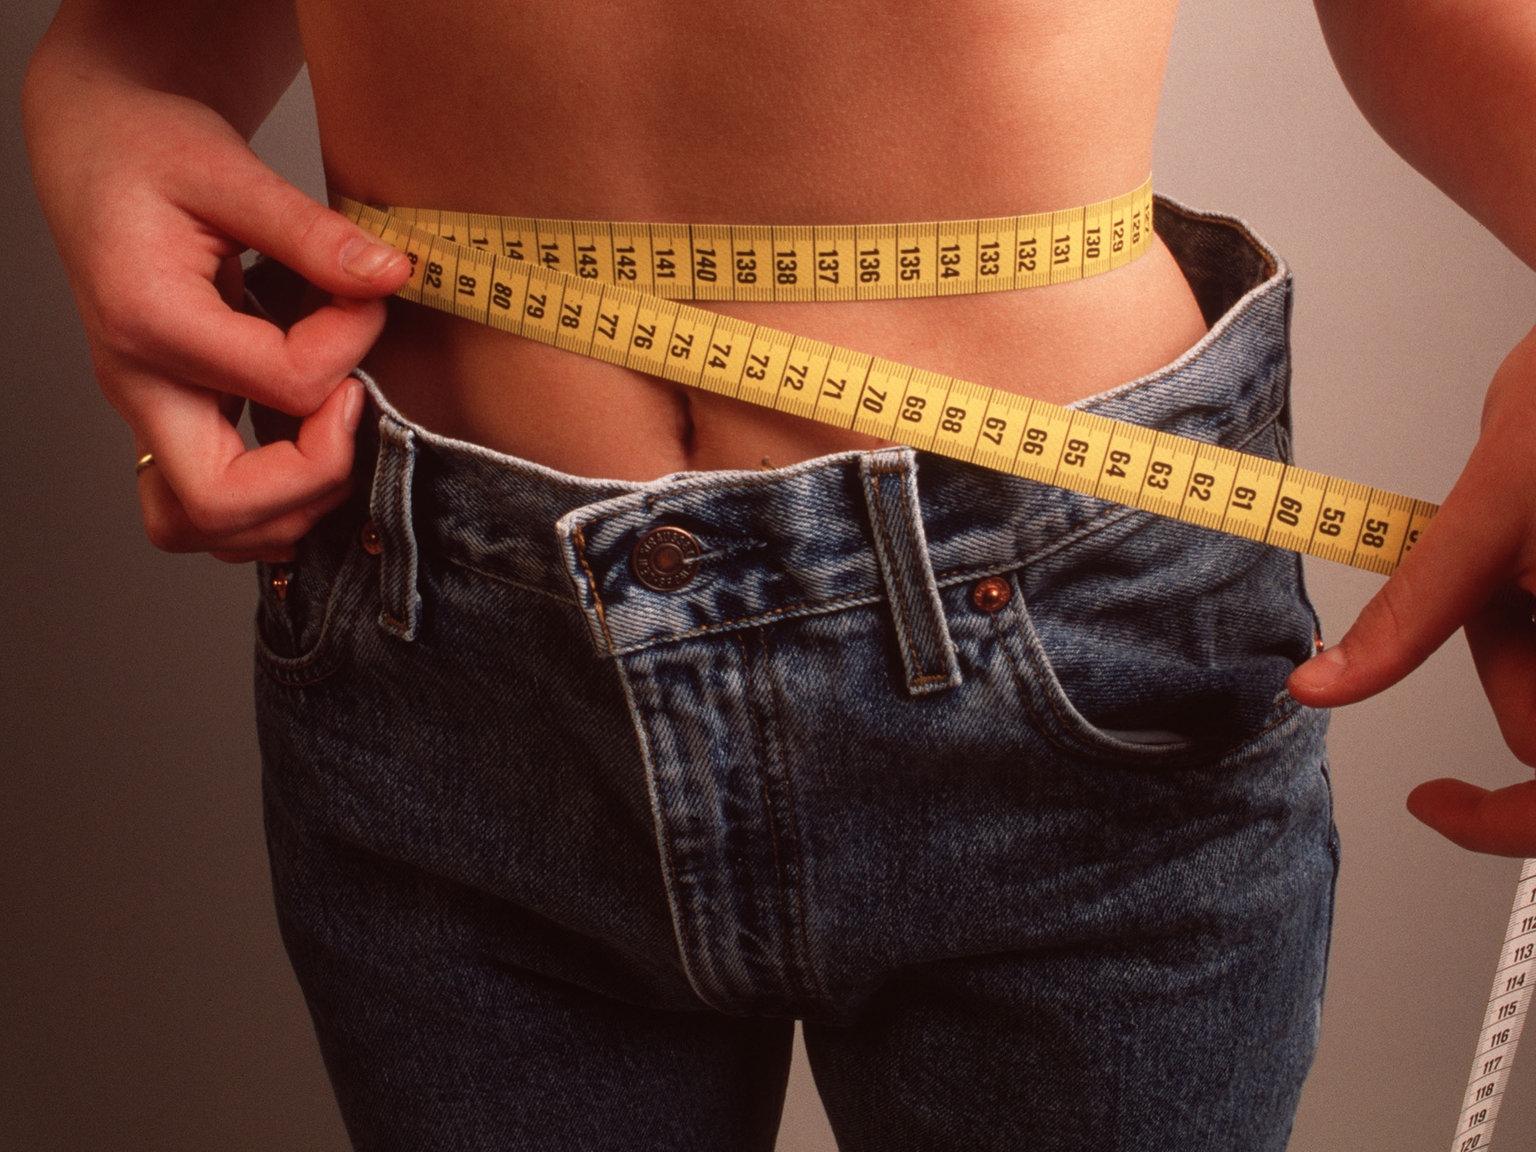 Binging und immer noch Gewicht verlieren